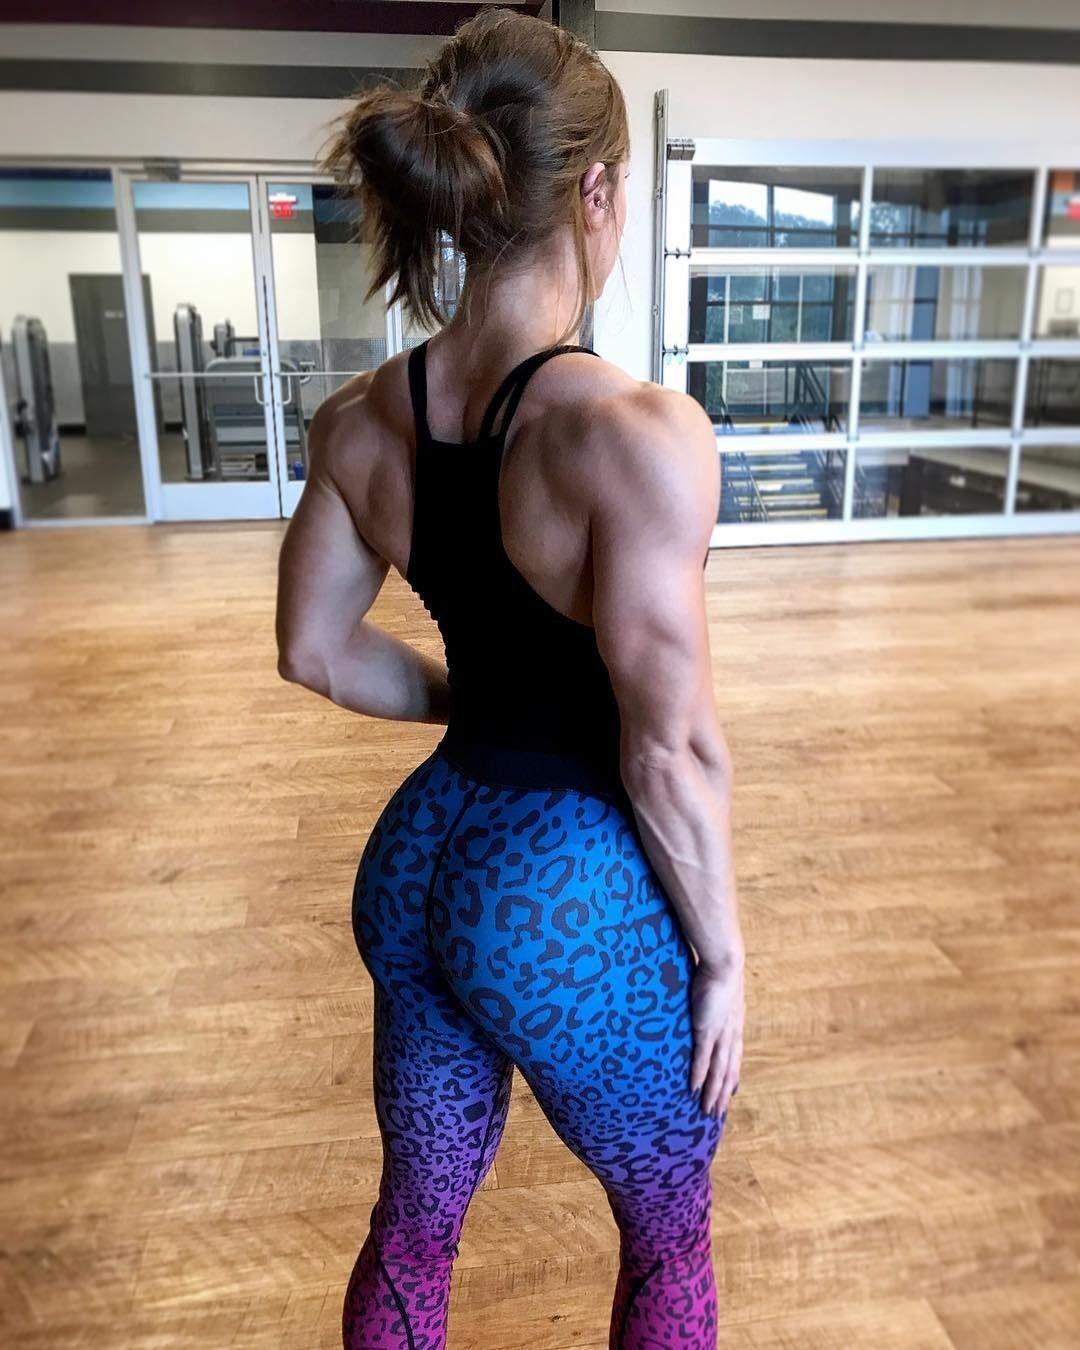 Female bodybuilder jerk #14